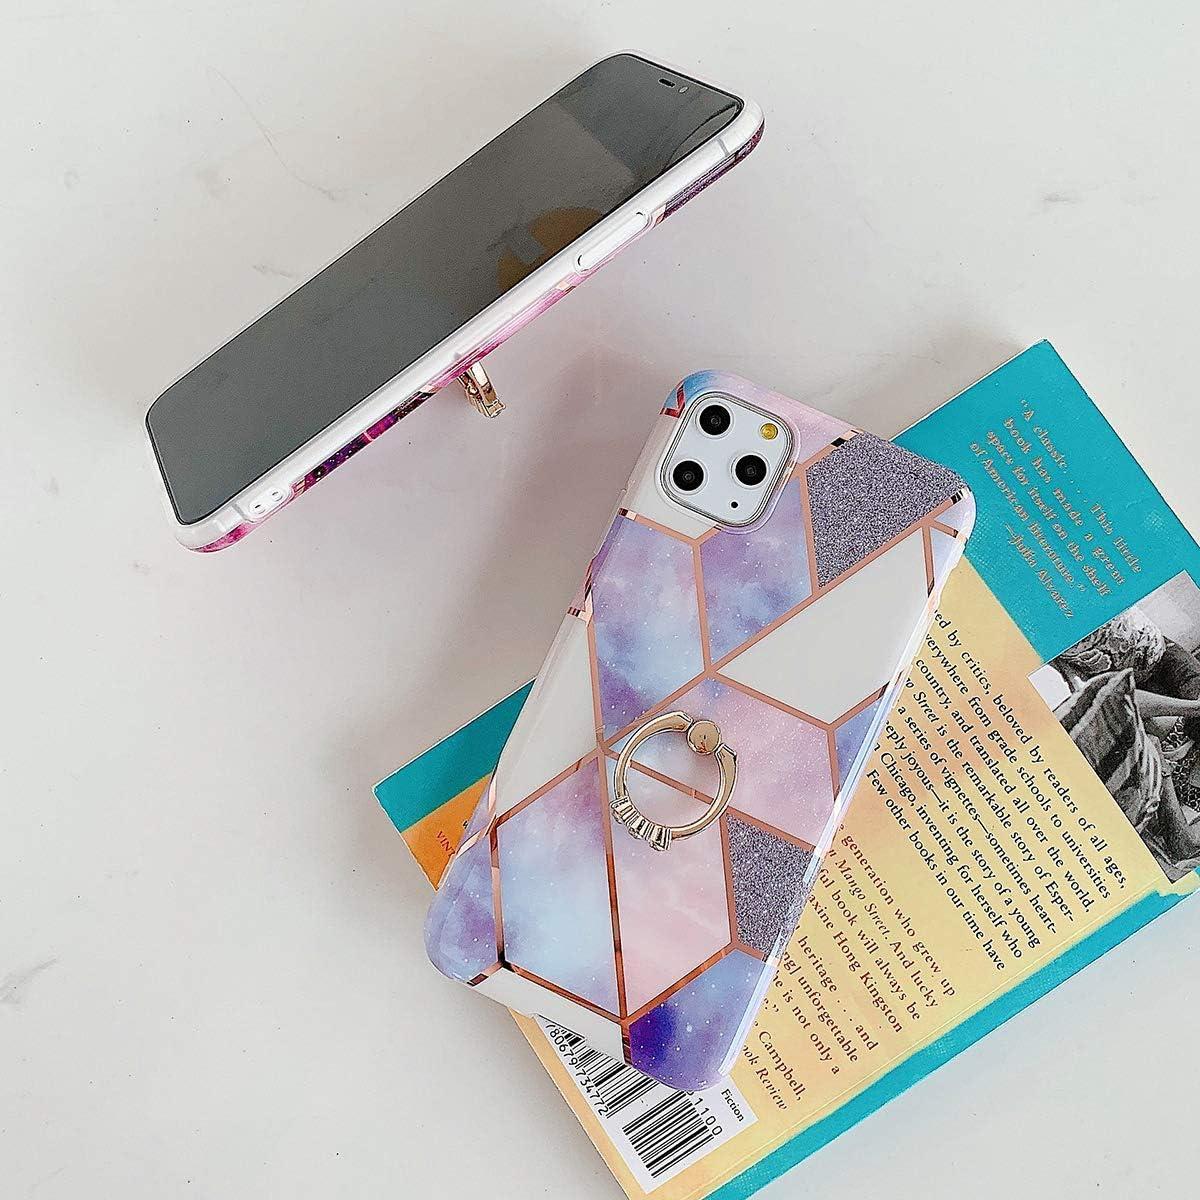 Saceebe Compatible avec iPhone 11 Pro Max Coque Silicone Motif G/éom/étrique Marbre TPU Housse Etui Souple Coque avec T/él/éphone Anneau Bague Support Paillette Brillant Strass,Rose